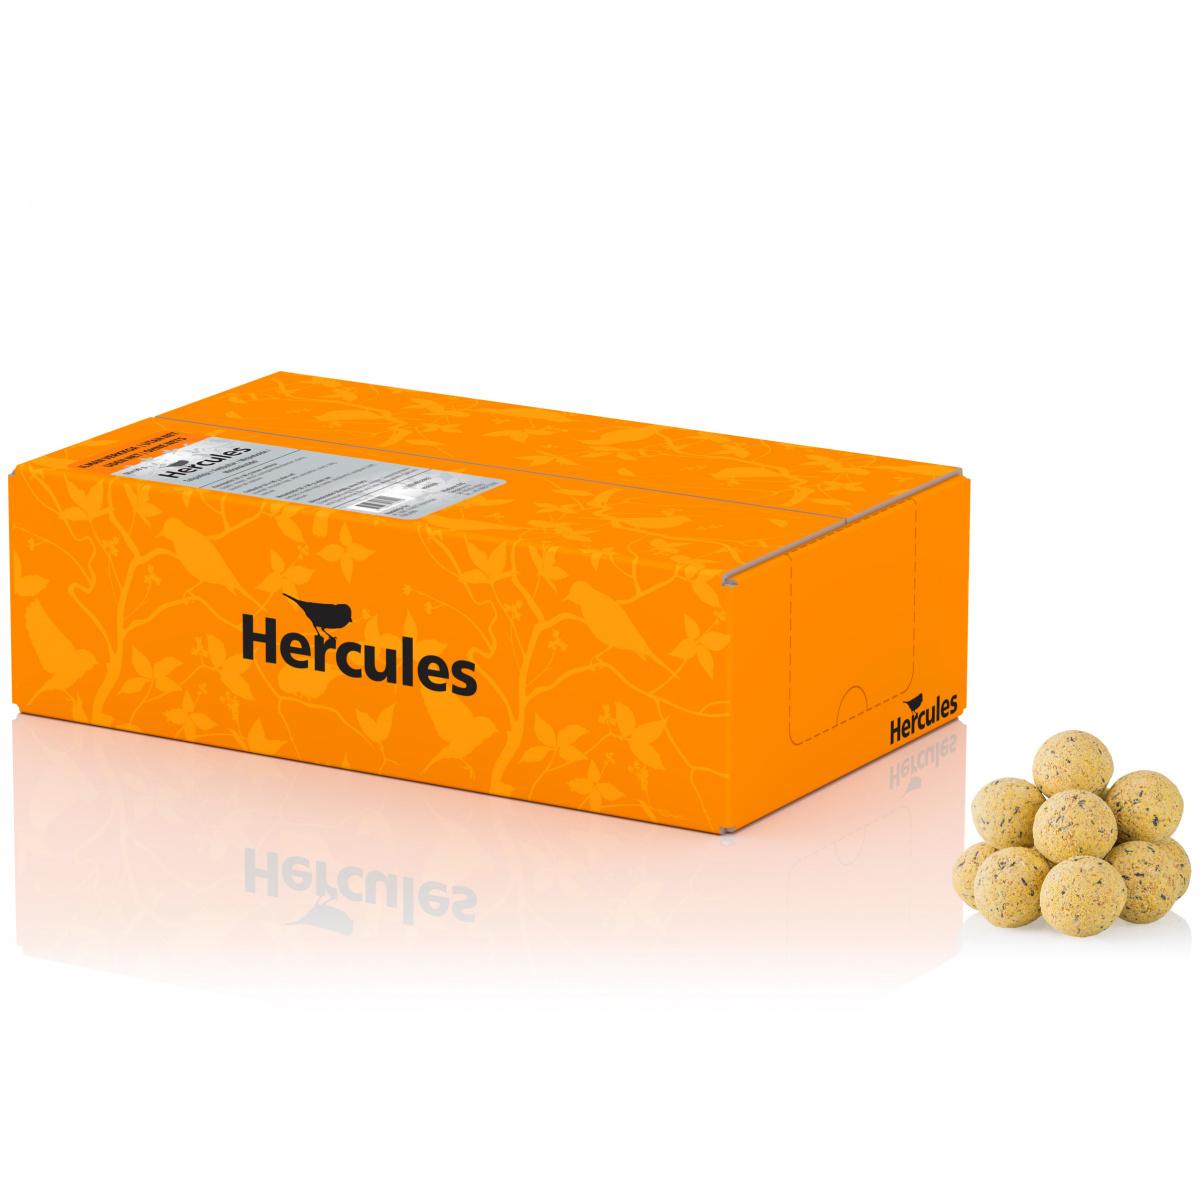 Hercules fuglefoder - mejsebolde uden net, 50